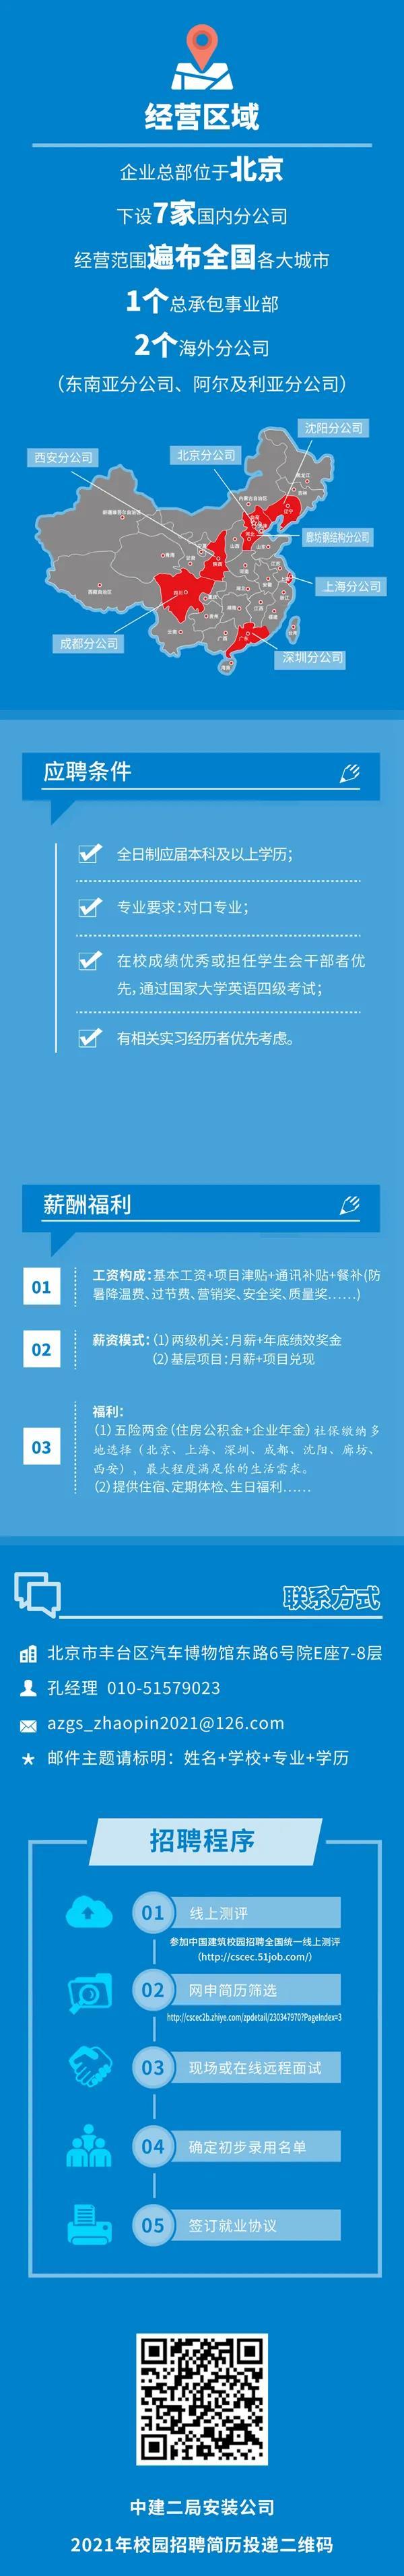 长图(3).jpg